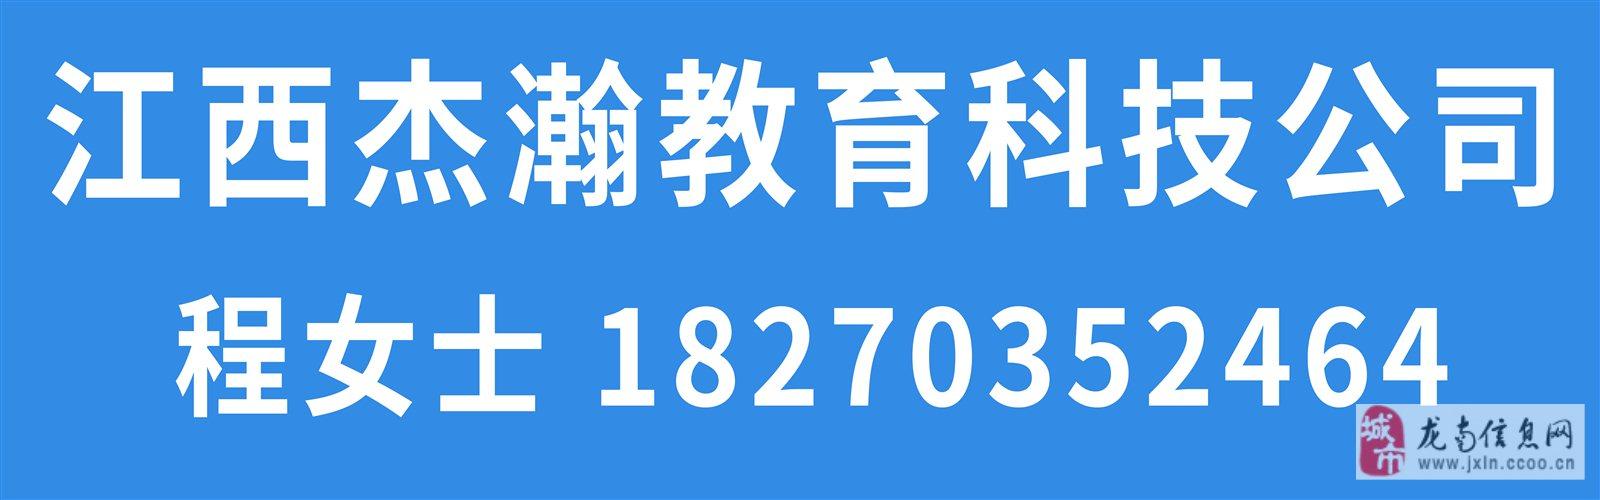 江西杰瀚教育科技公司